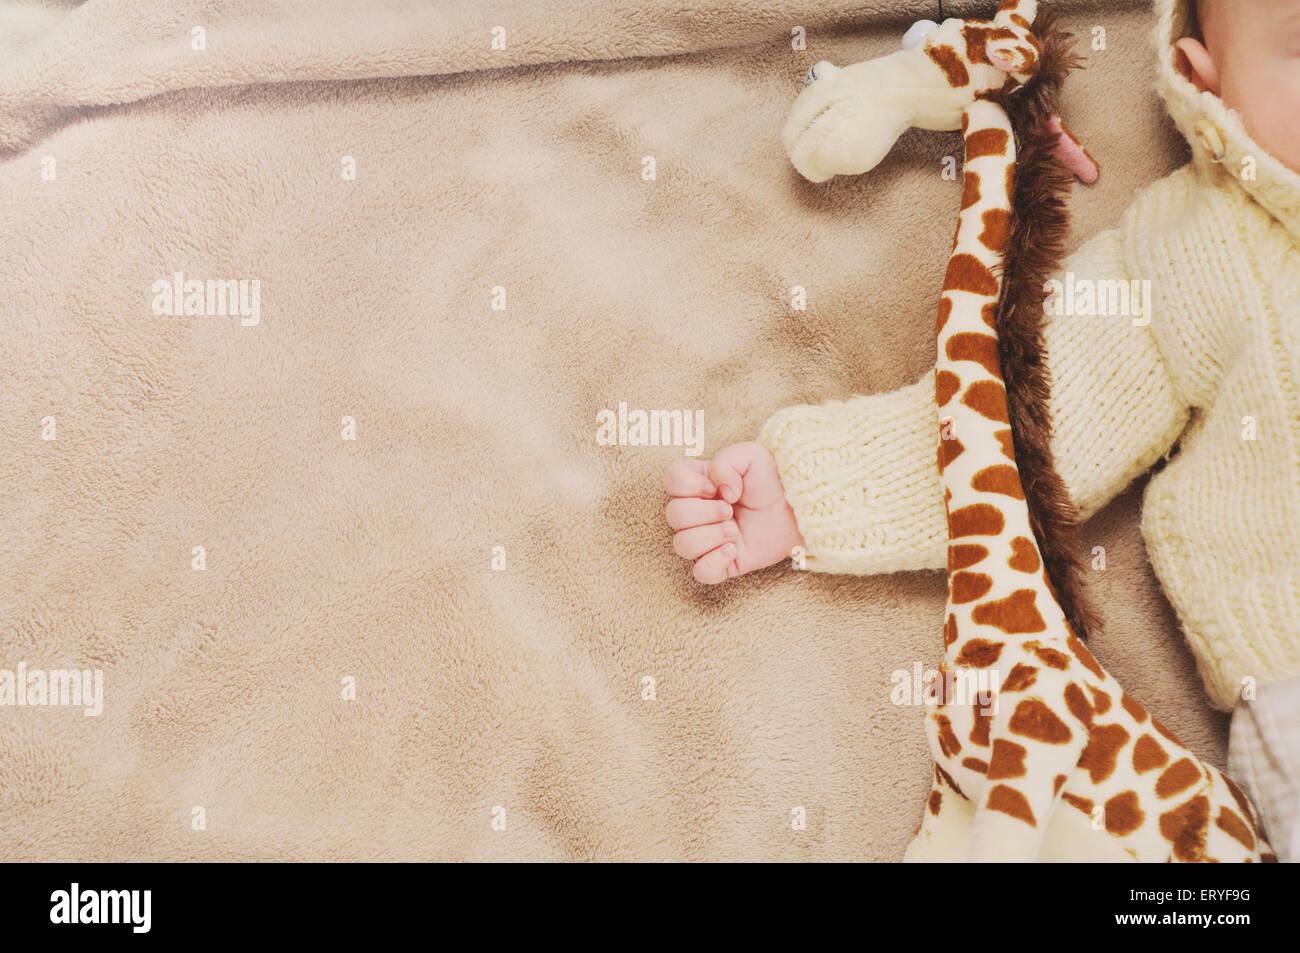 schlafen süß neugeborenes Baby, Mutterschaft Konzept, weiches Bild schöne Familie Stockbild